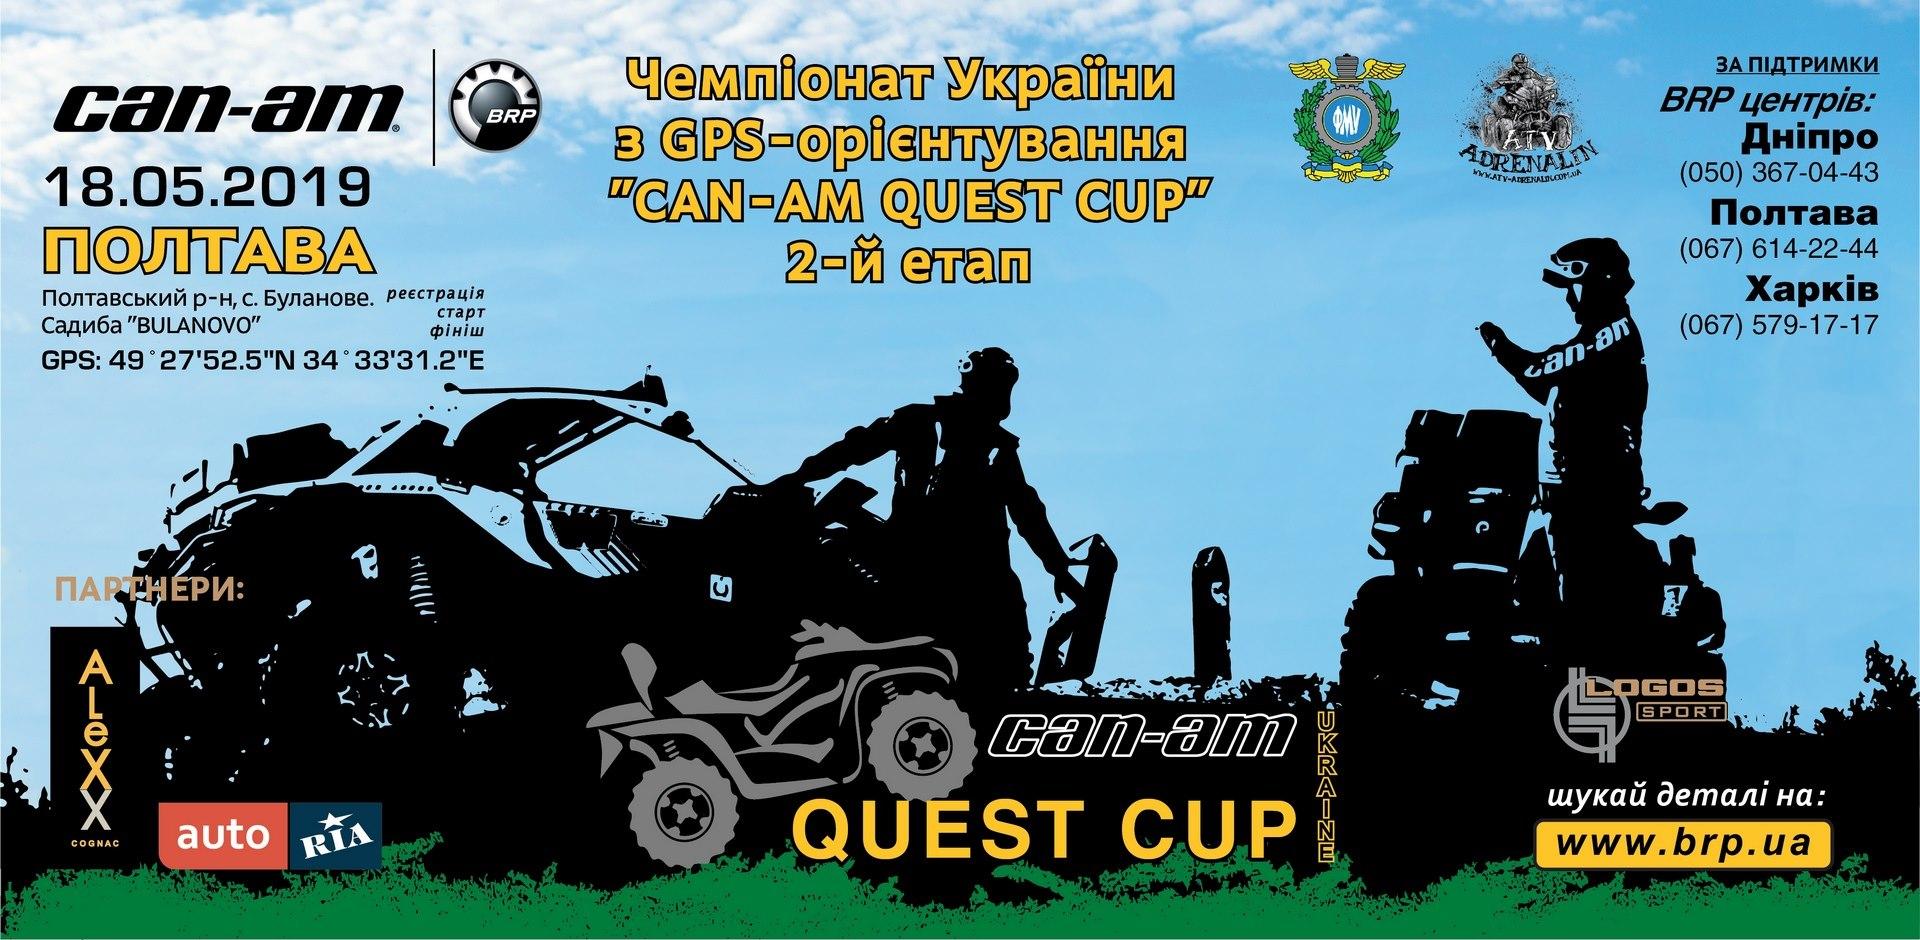 2019.05.18 – 2-й етап Чемпіонату України 2019 з GPS-орієнтування «CAN-AM QUEST CUP»!